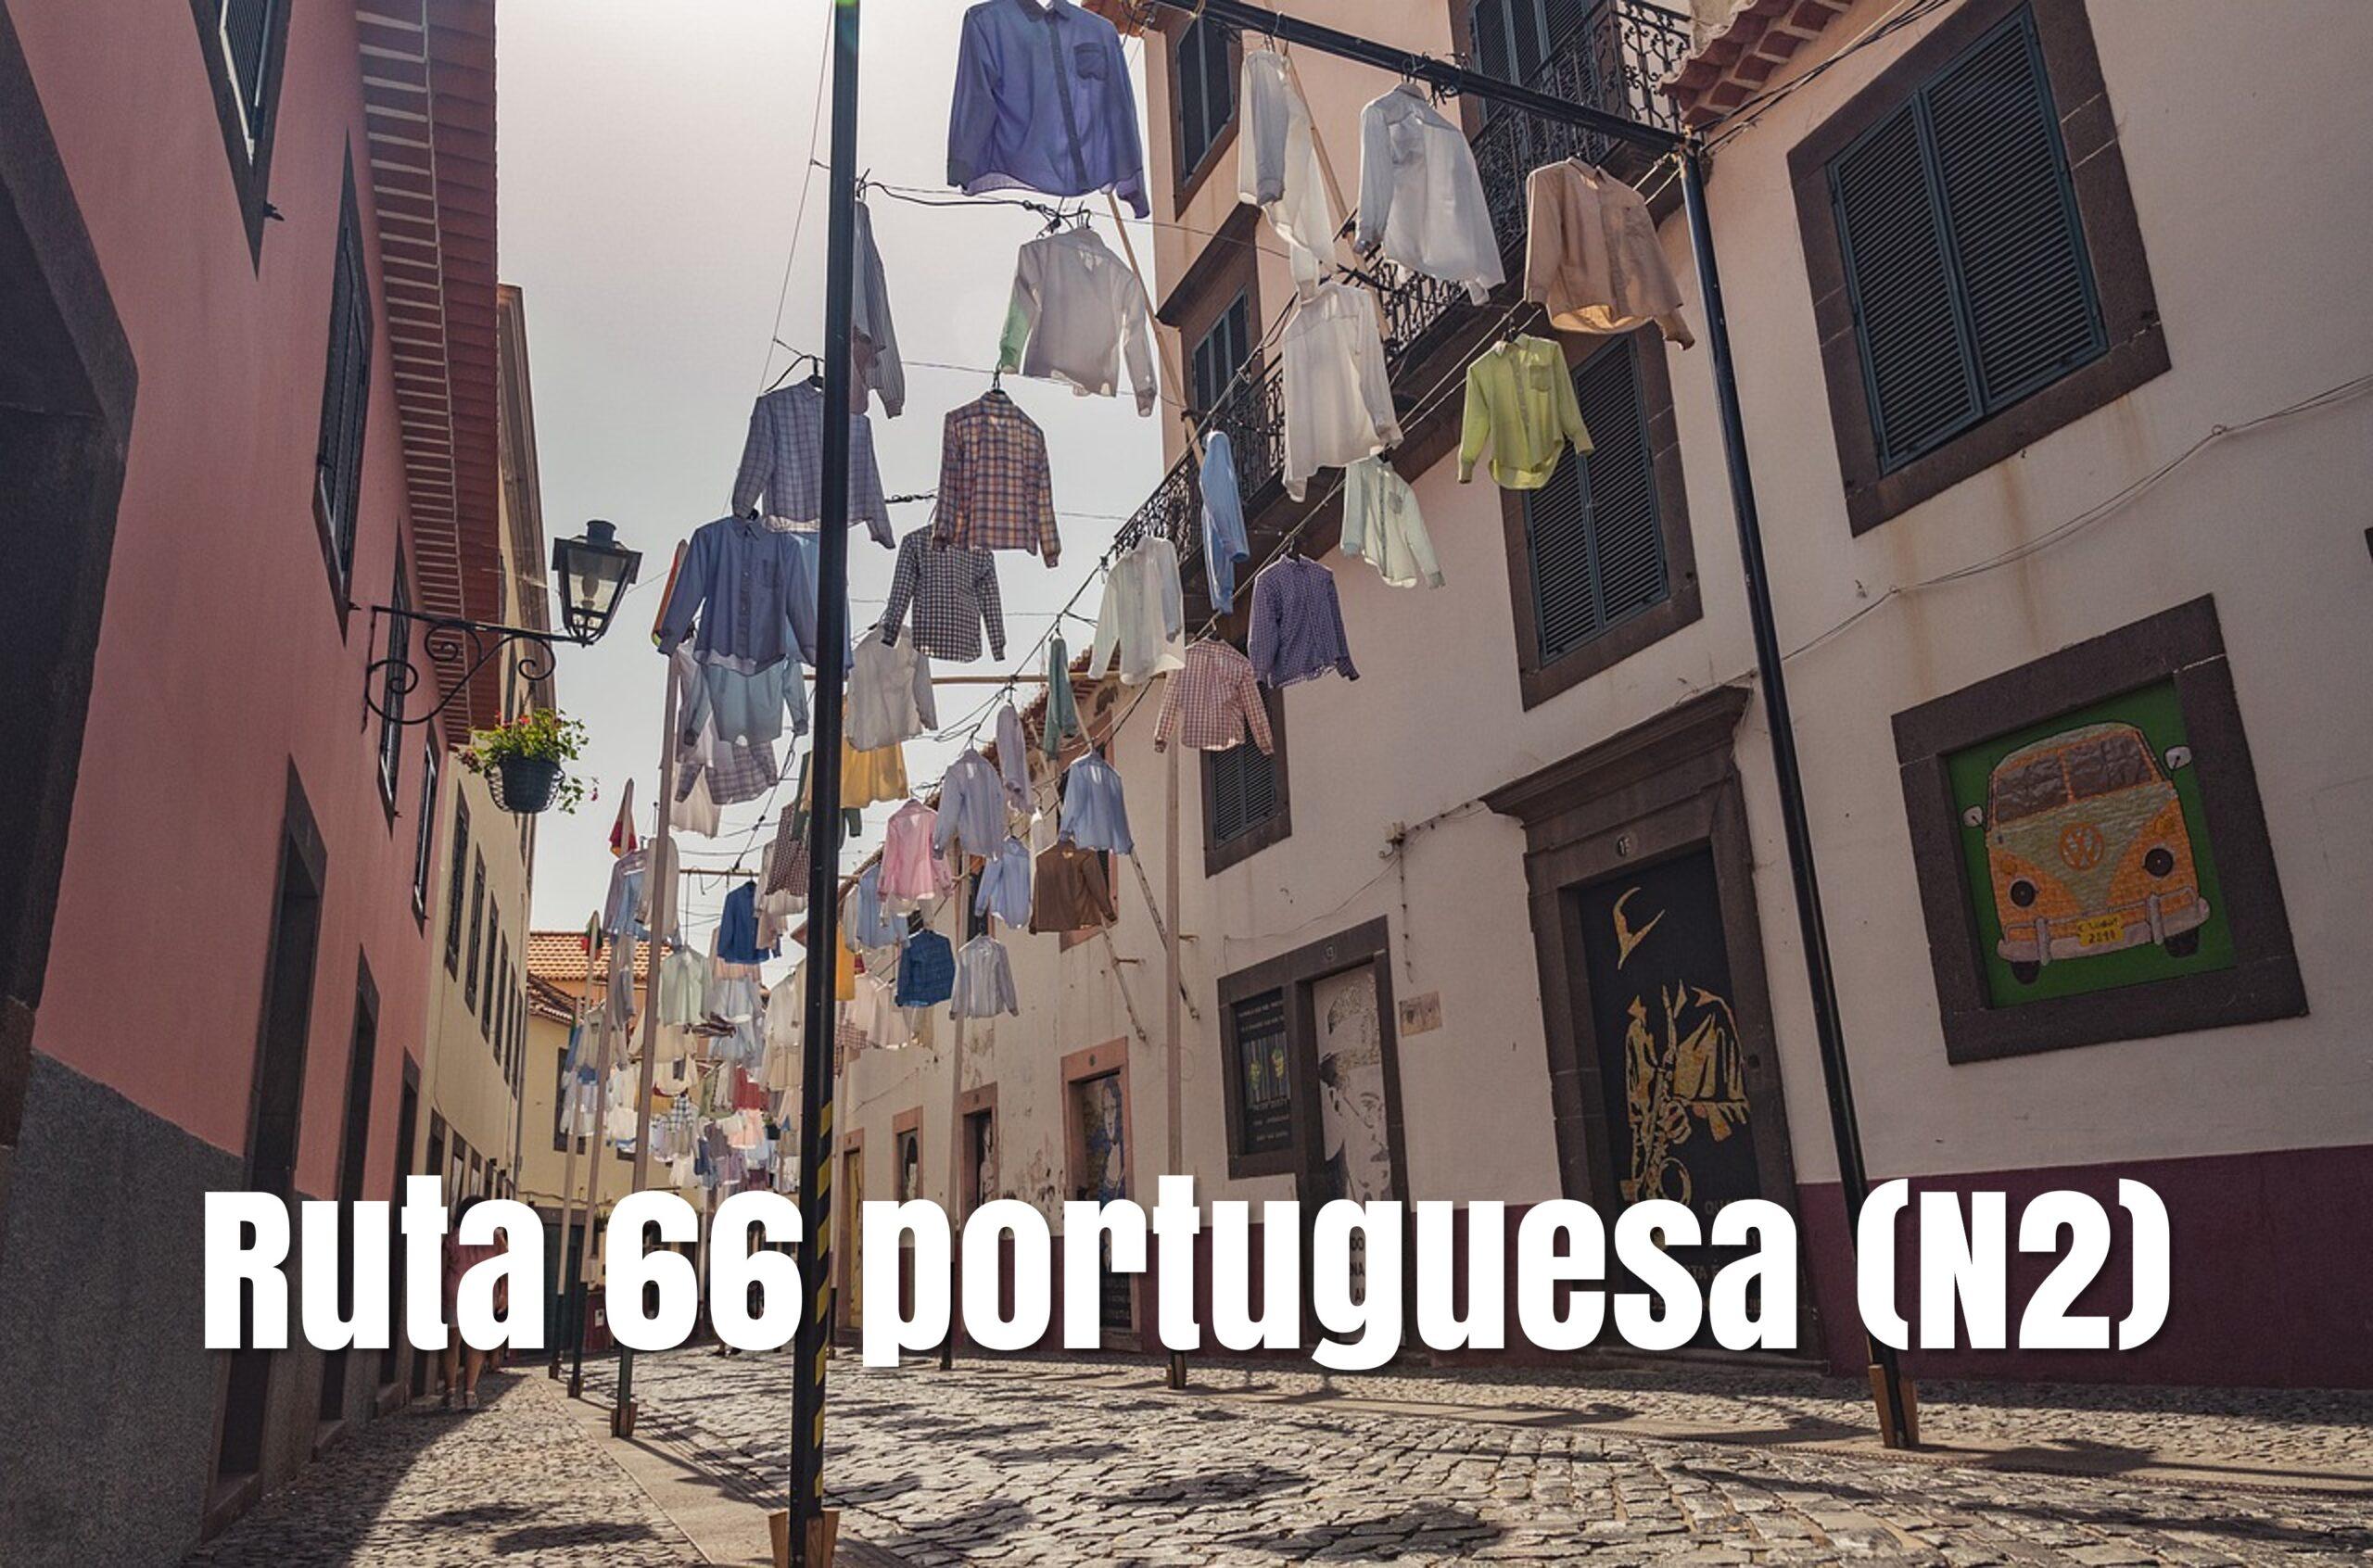 Ruta 66 portuguesa (N2) en camper o caravana